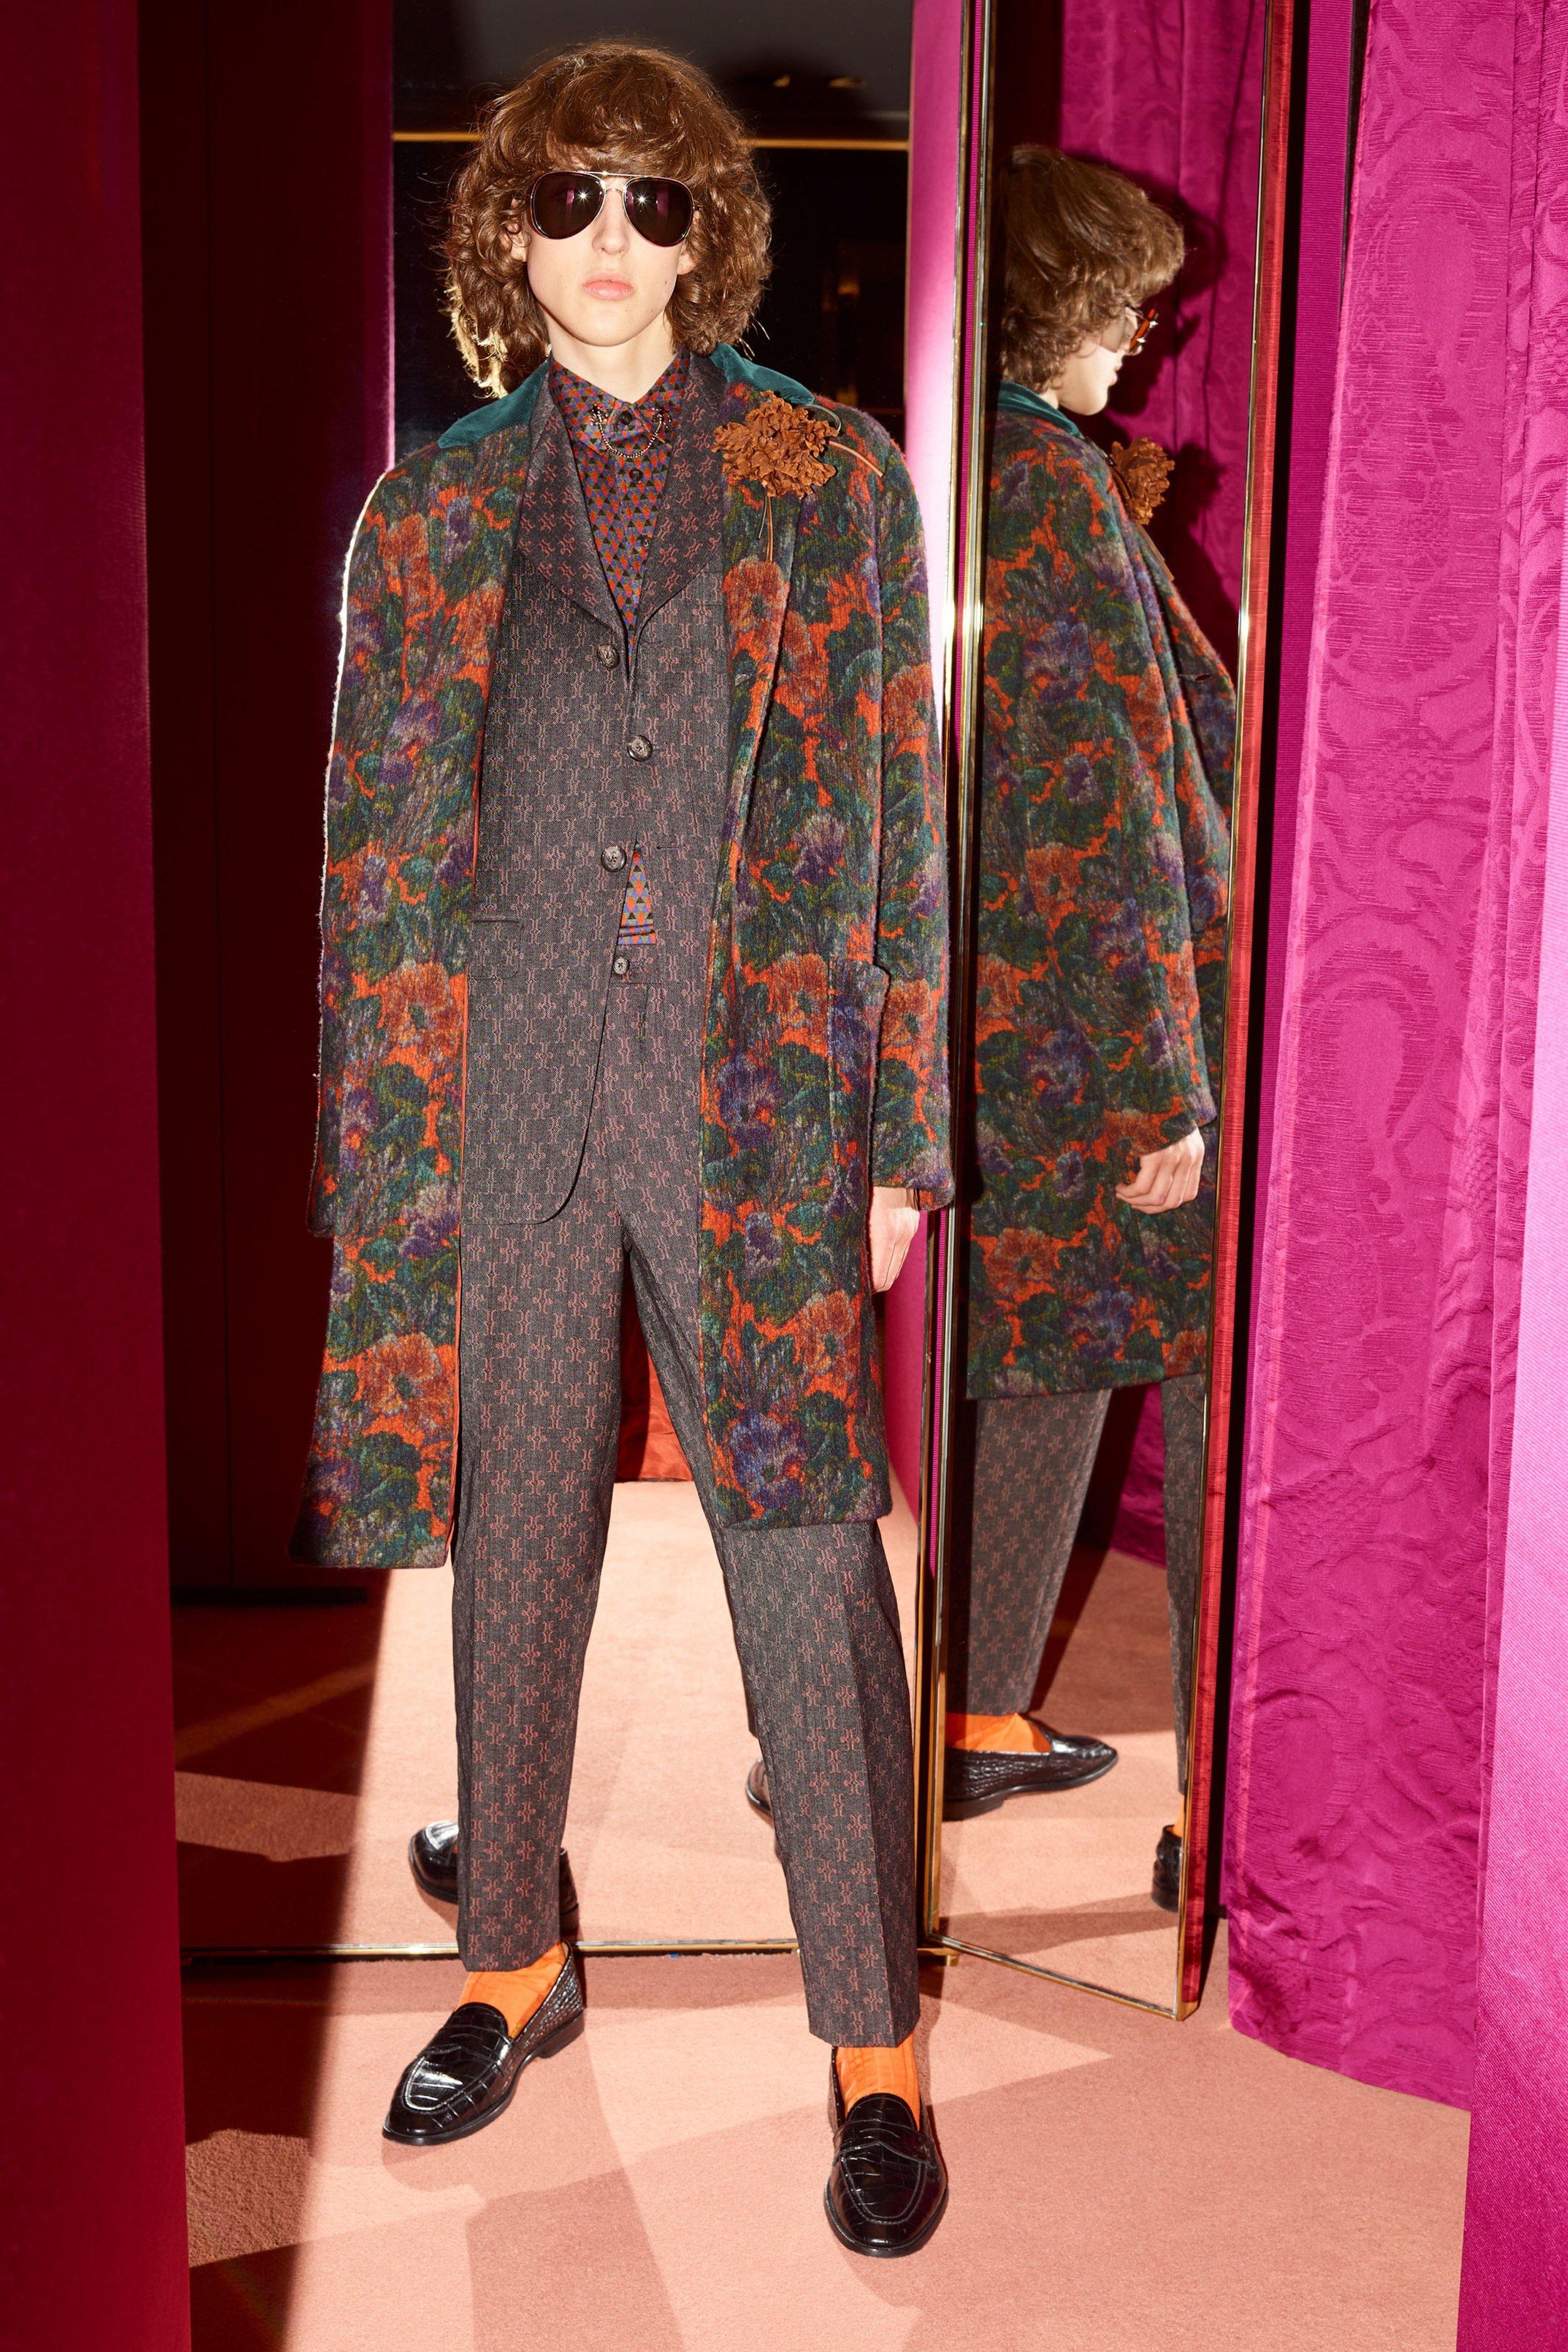 00006-ETRO-Menswear-Milan-2019.jpg